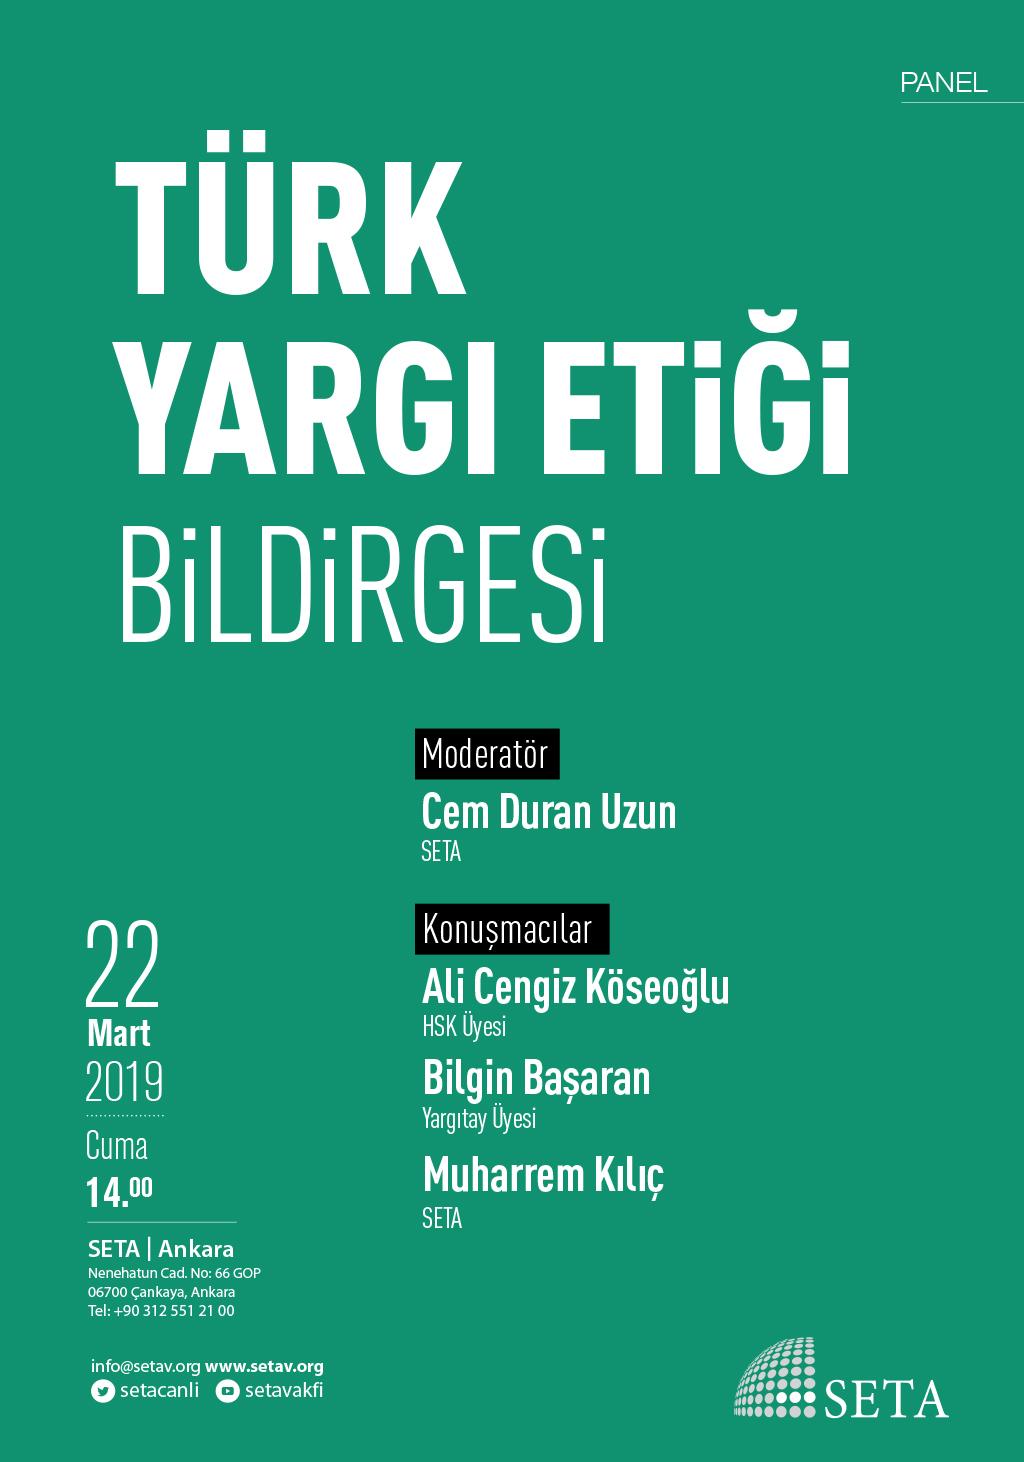 Panel: Türk Yargı Etiği Bildirgesi